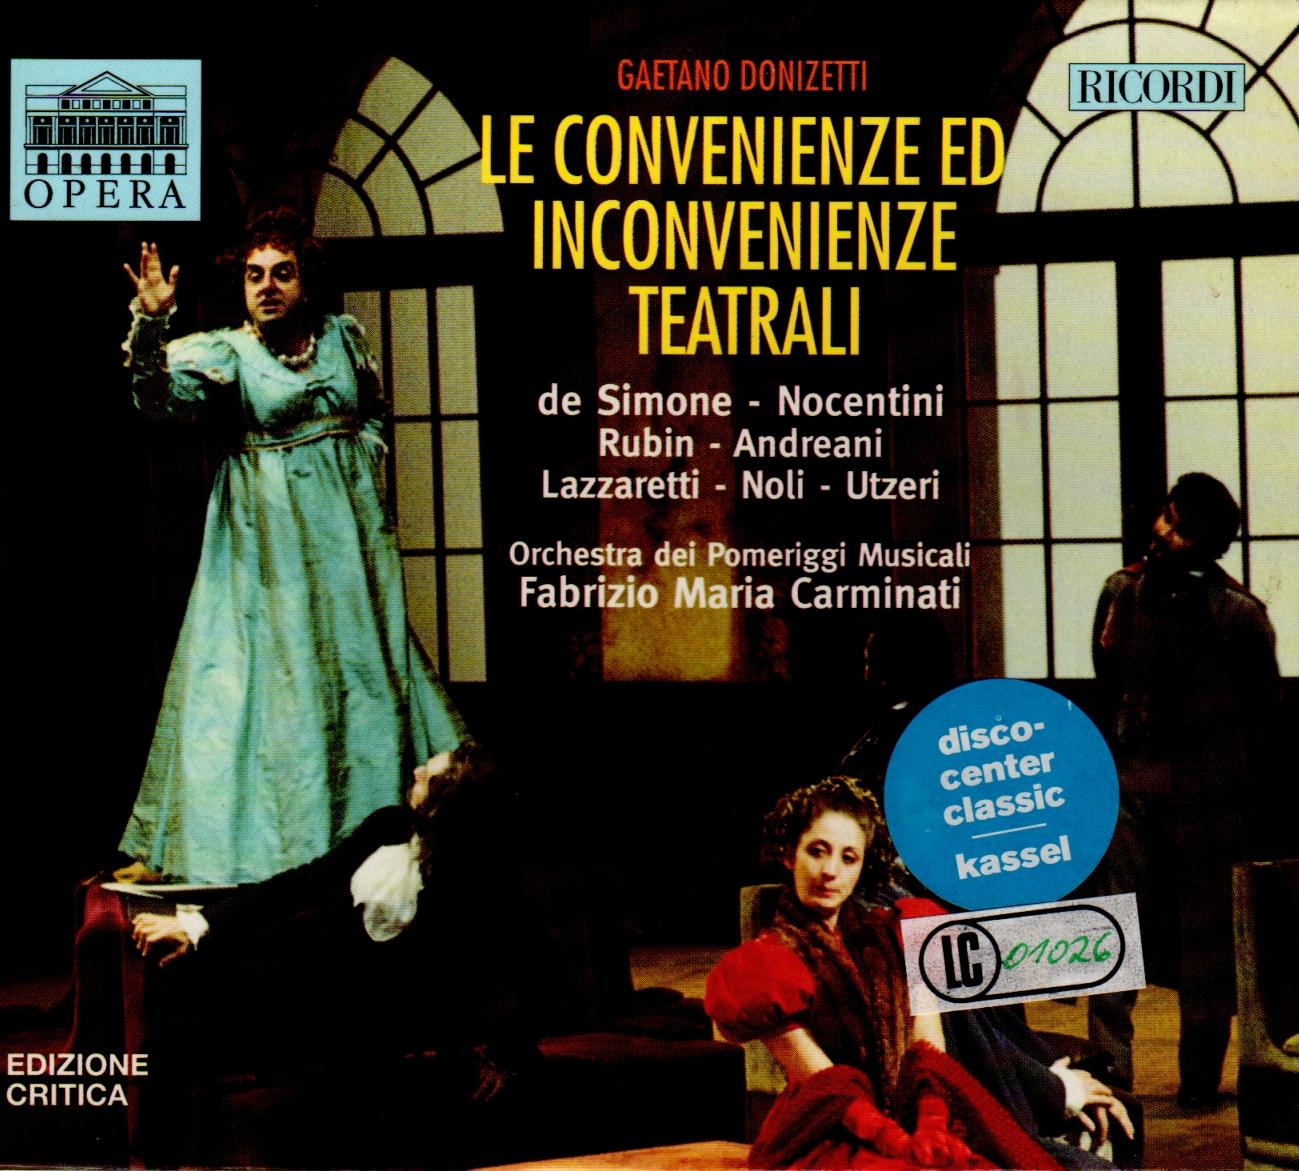 Donizetti - zautres zopéras - Page 7 Conv